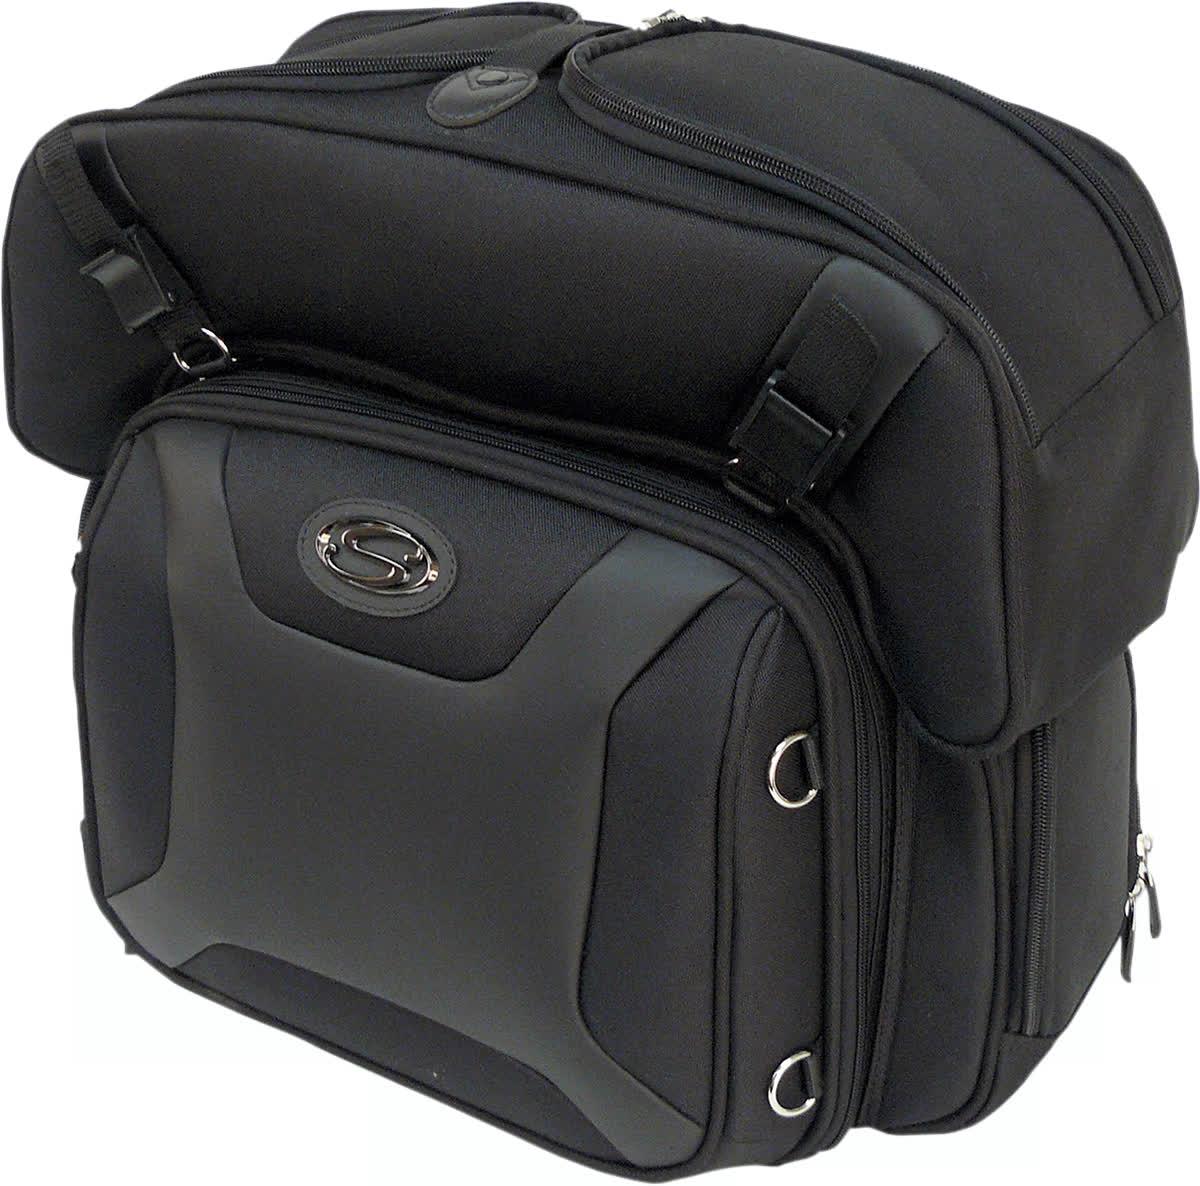 Saddlemen 3515-0141 FTB2500 Sport Sissy Bar and Combo Bag